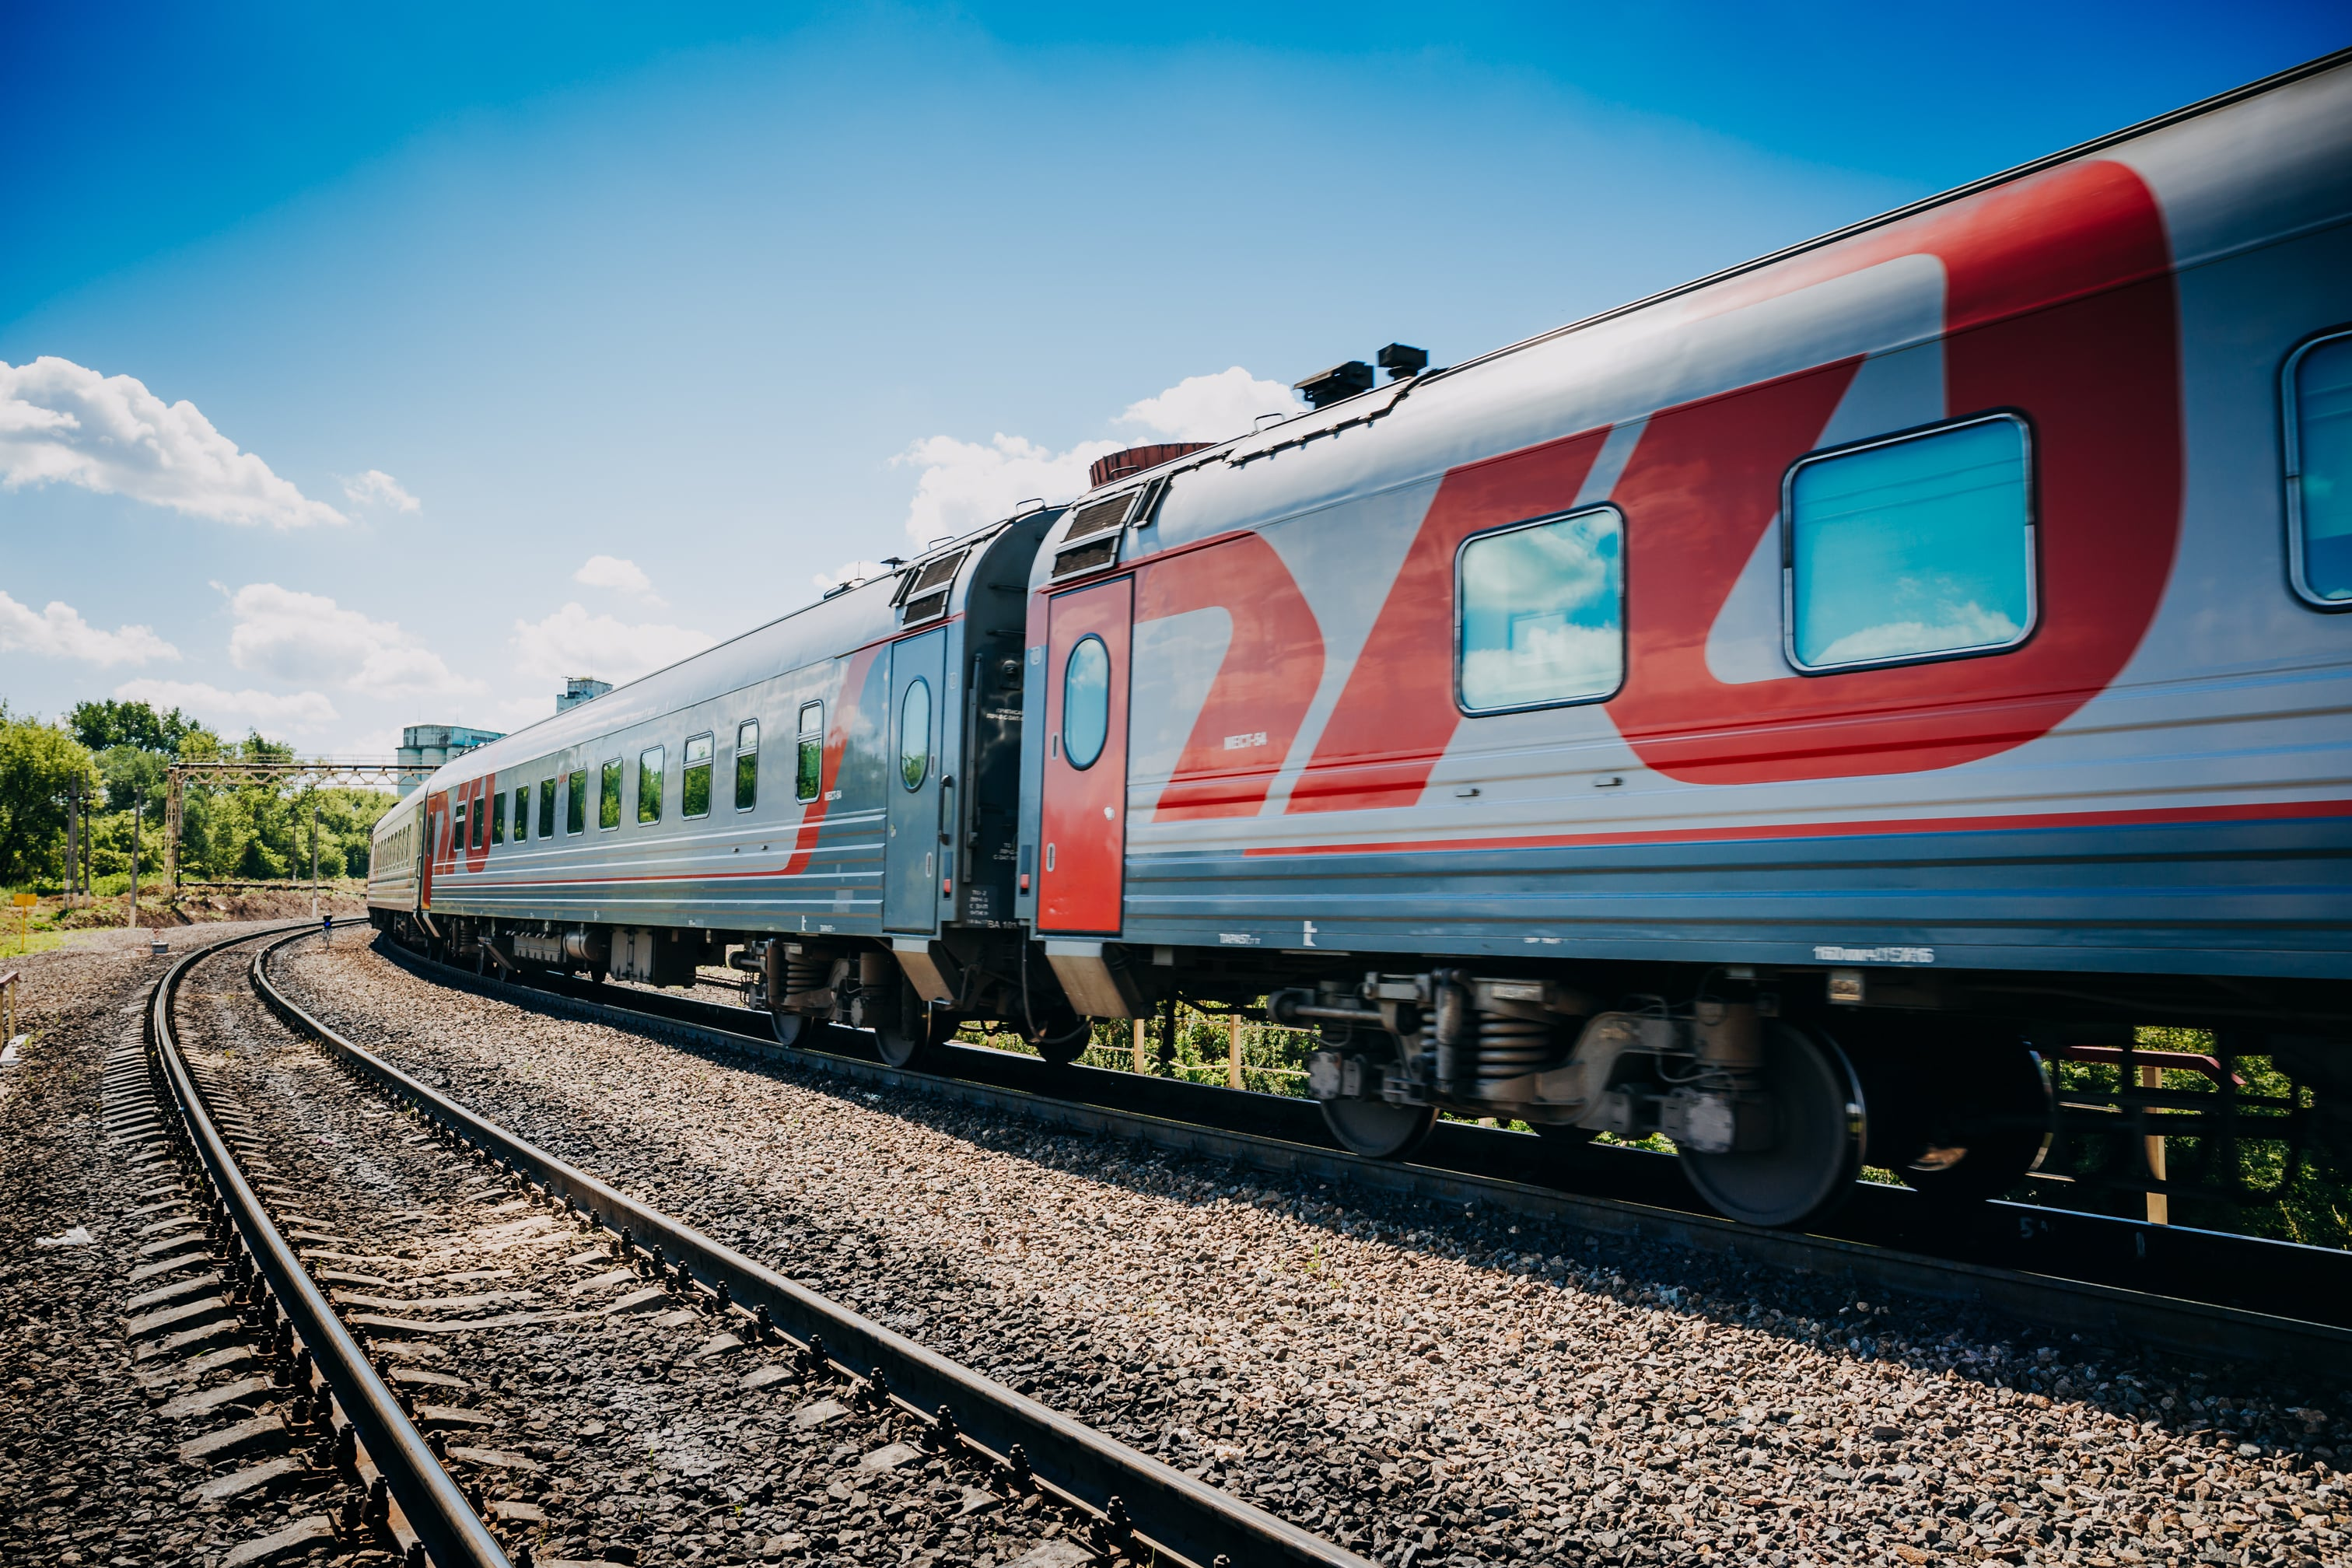 Туристы из Москвы теперь могут доехать до Карелии на поезде без пересадок